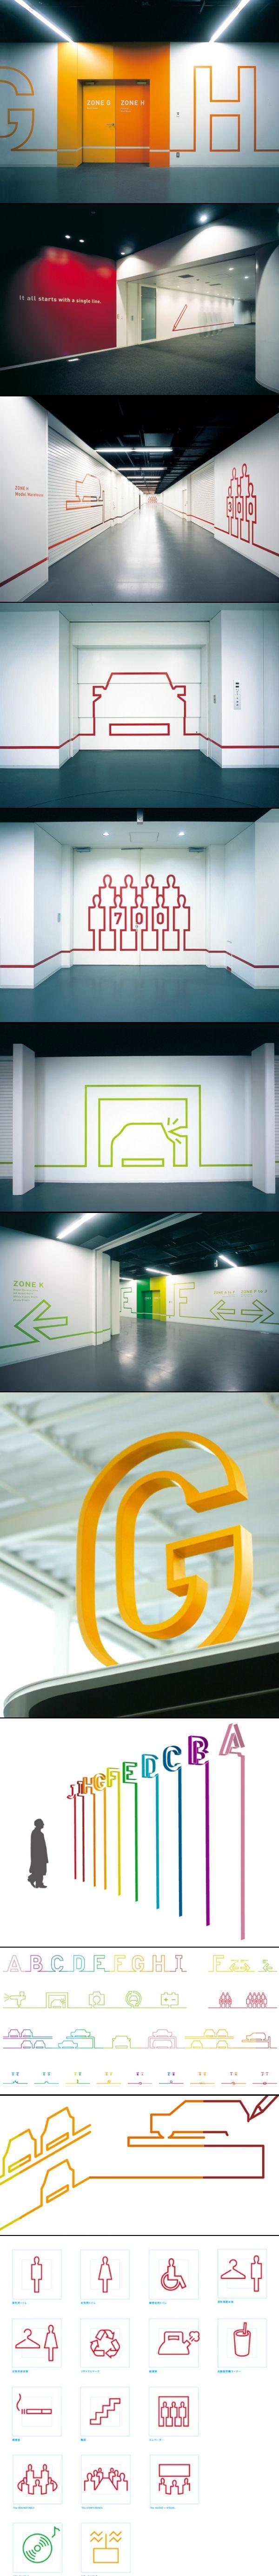 Nissan Design Center, Japan by Hiromura Design Office 2006